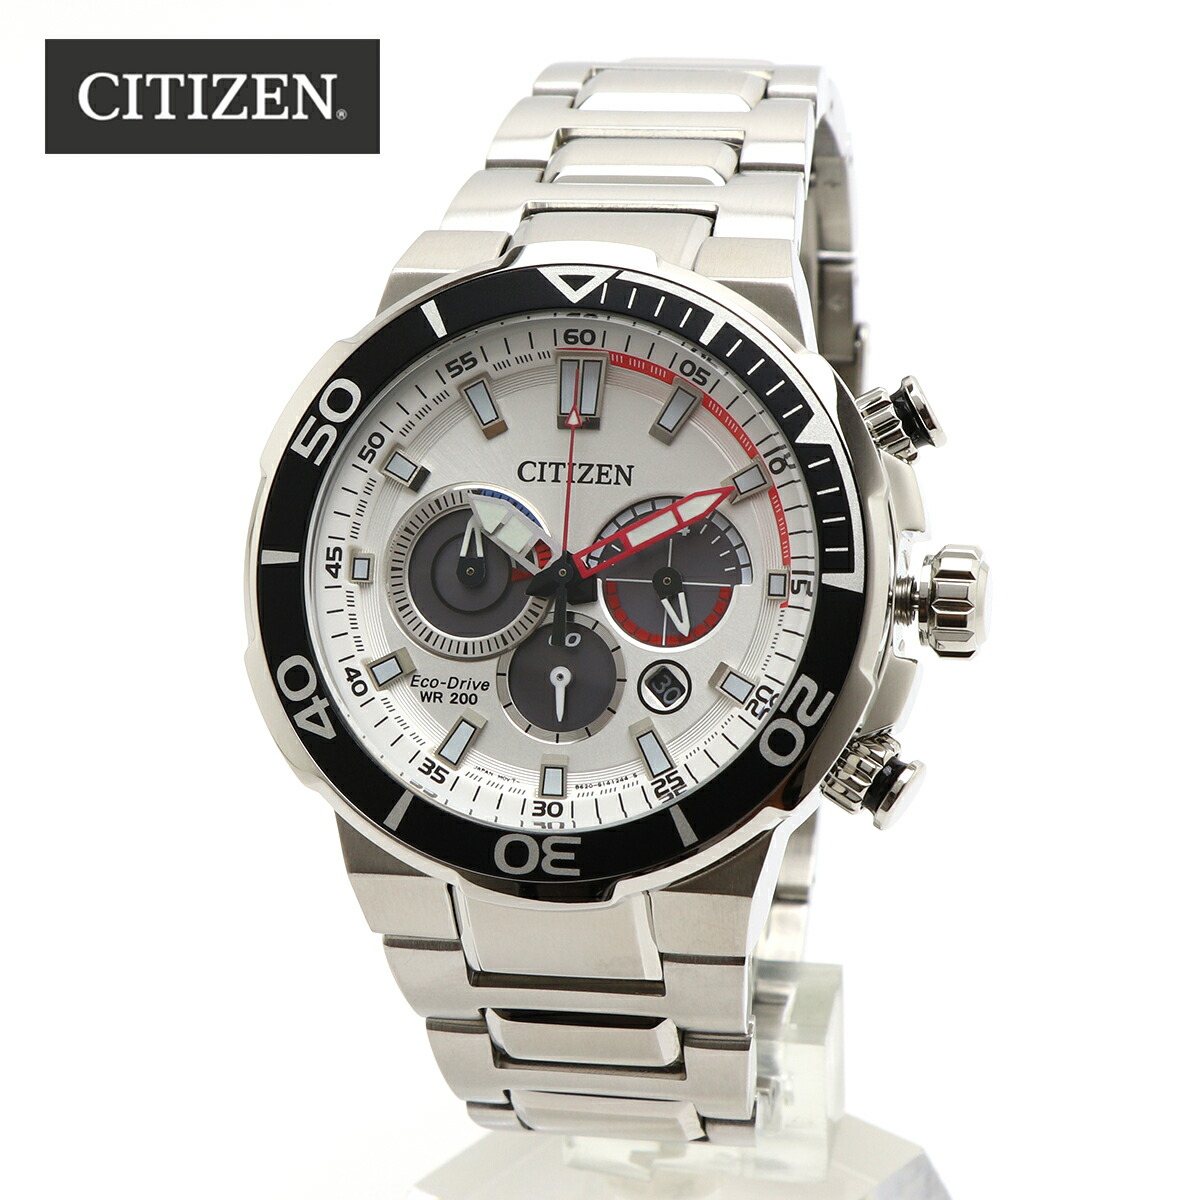 CITIZEN シチズン エコドライブ ECO-DRIVE アテッサ ATTESA 腕時計